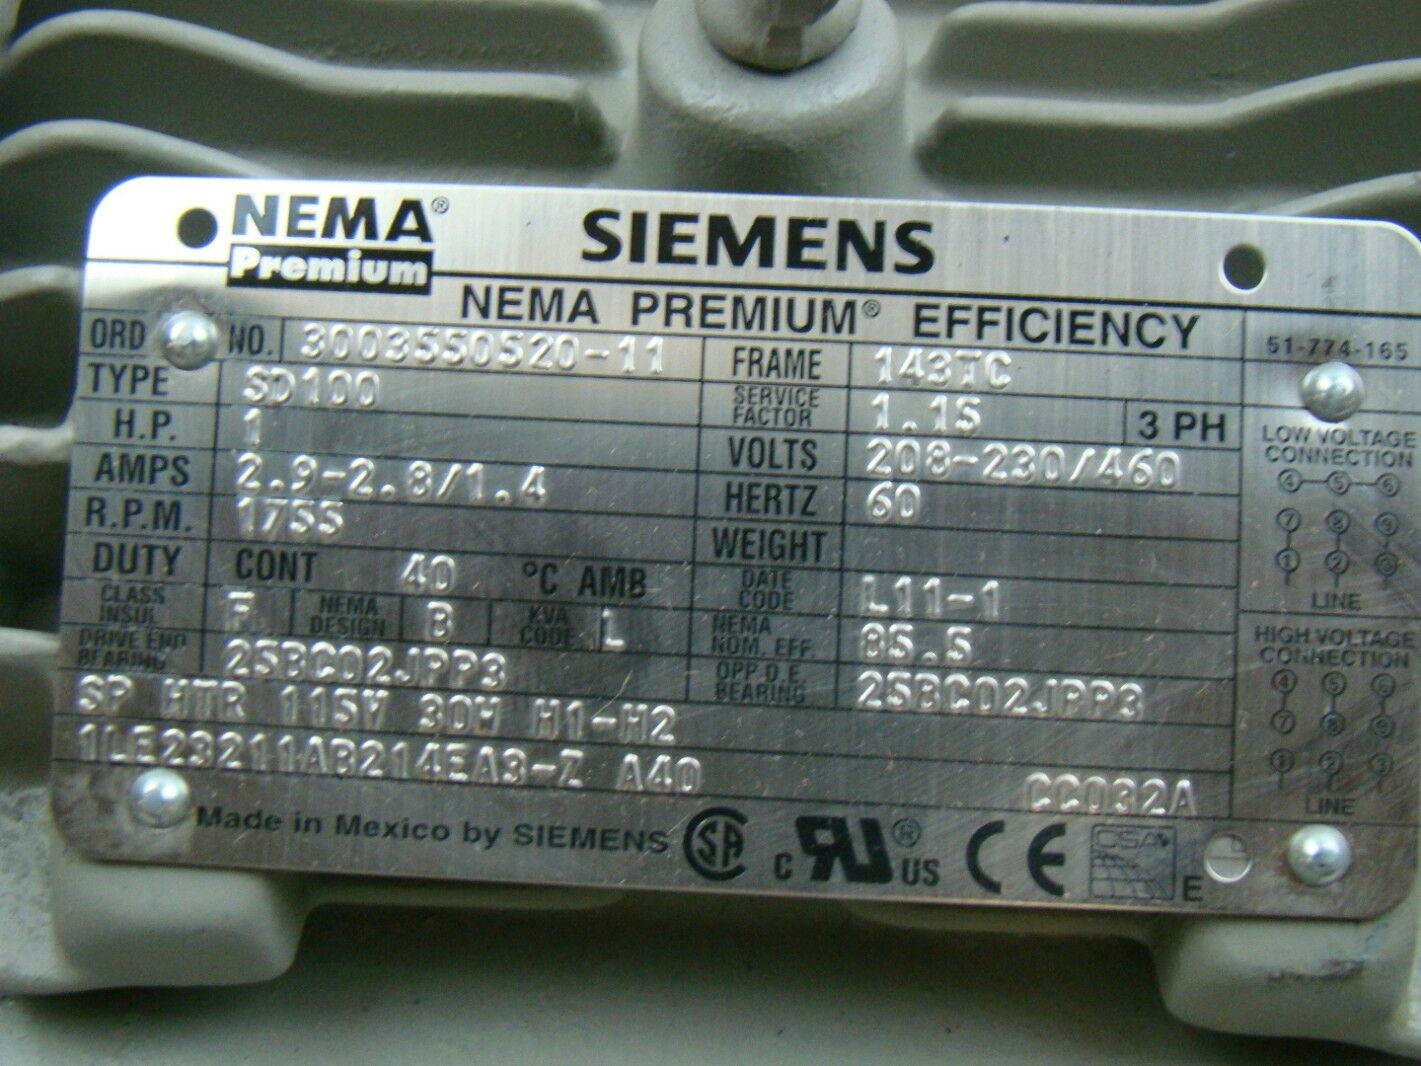 3 phase electric meter wiring diagram vdo gauges diagrams oil pressure sender siemens 1 hp 1755 rpm motor sd100 | ebay